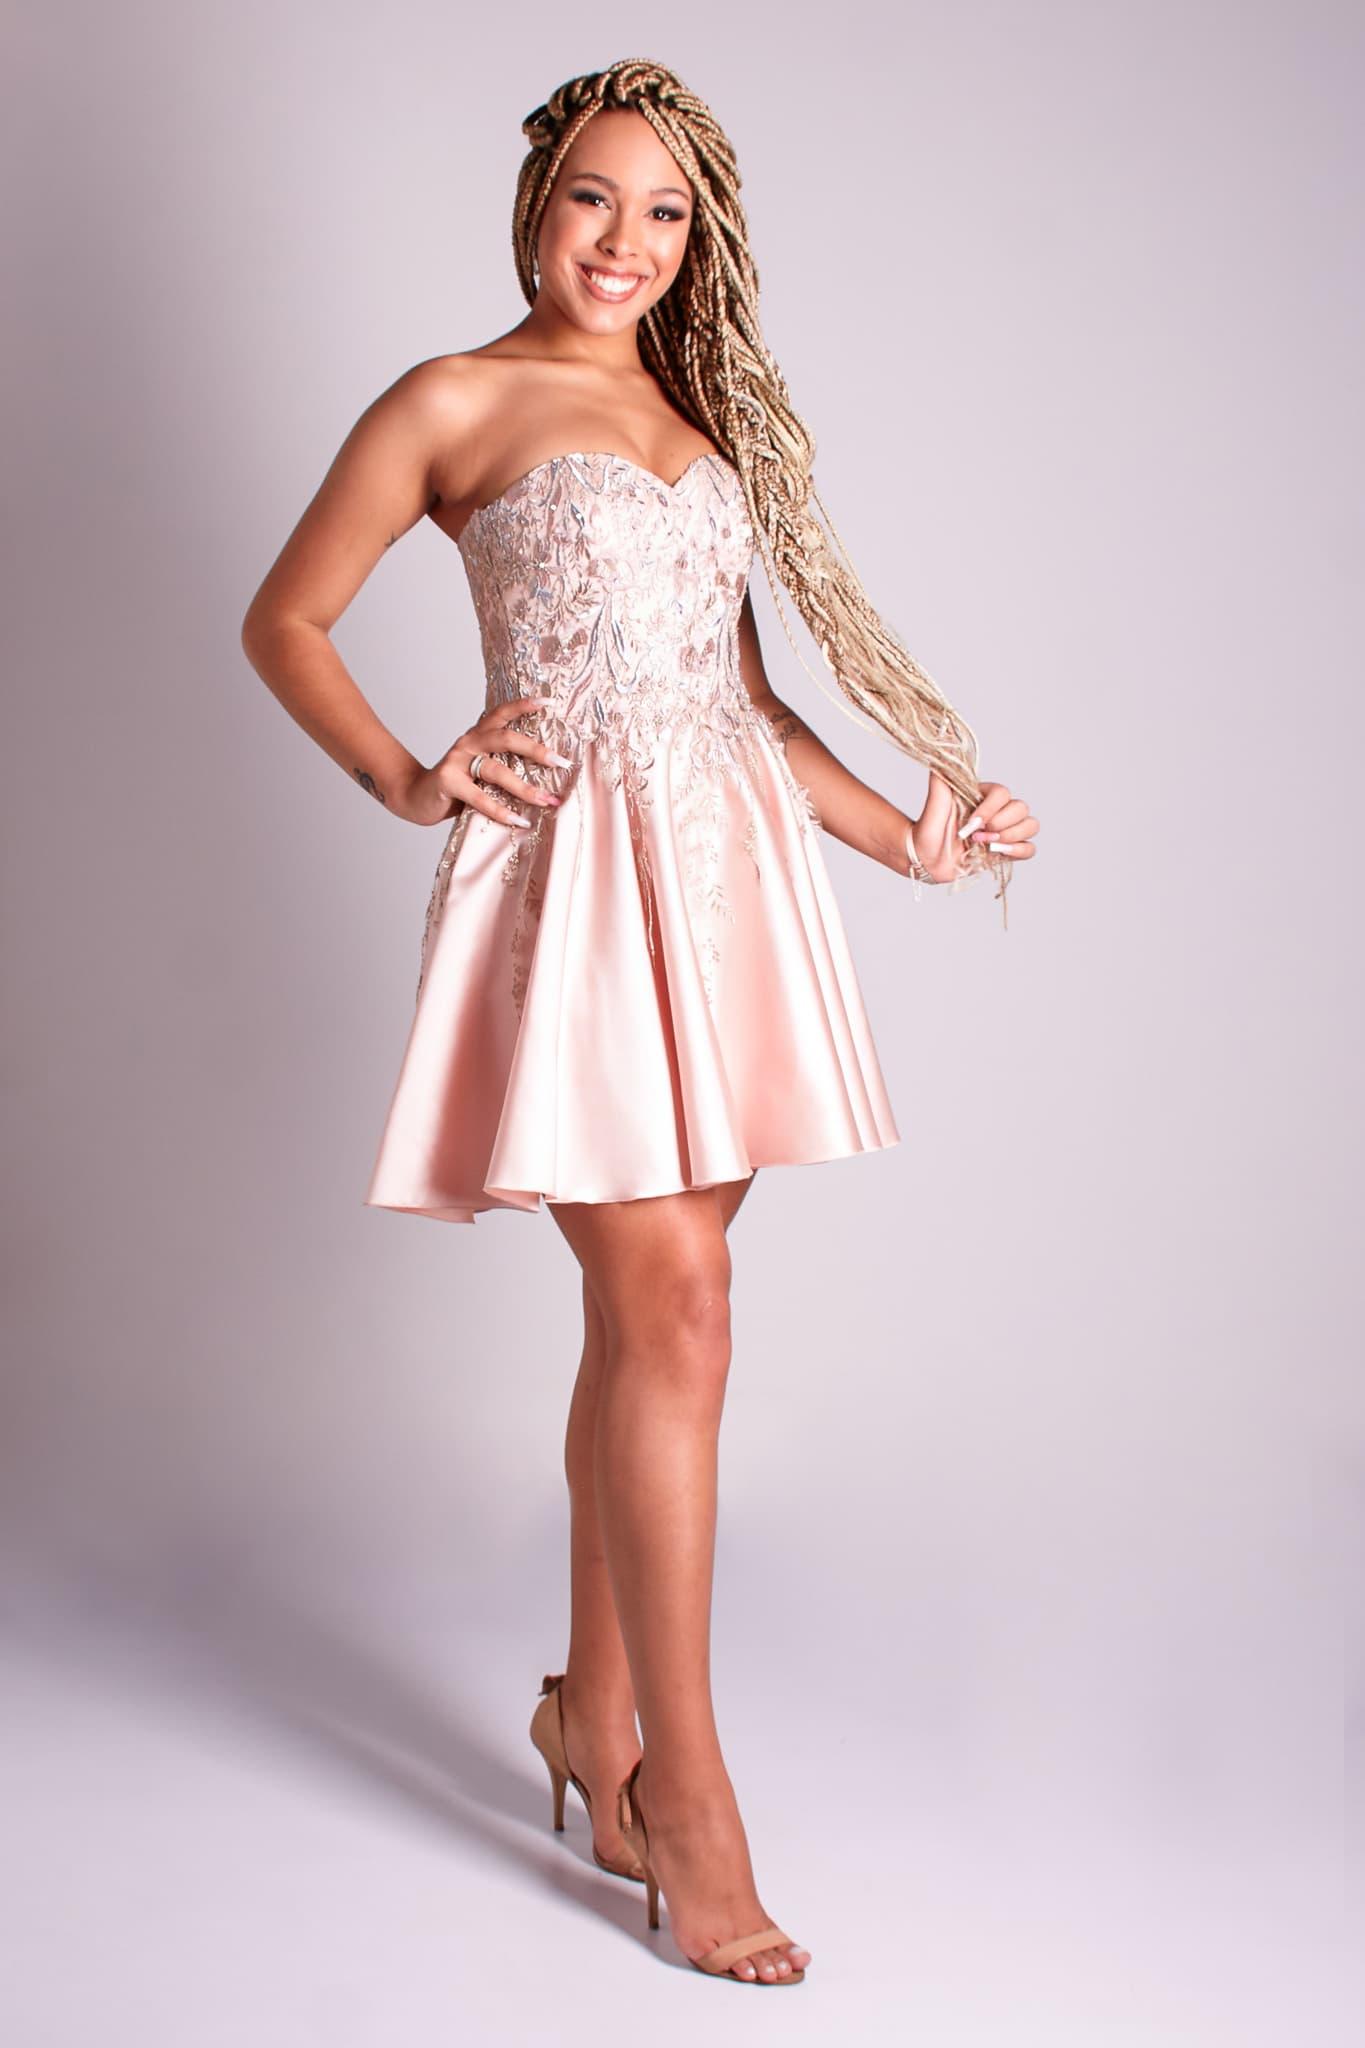 11 - Vestido curto rosê com aplicações de rendas florais para as 15 damas